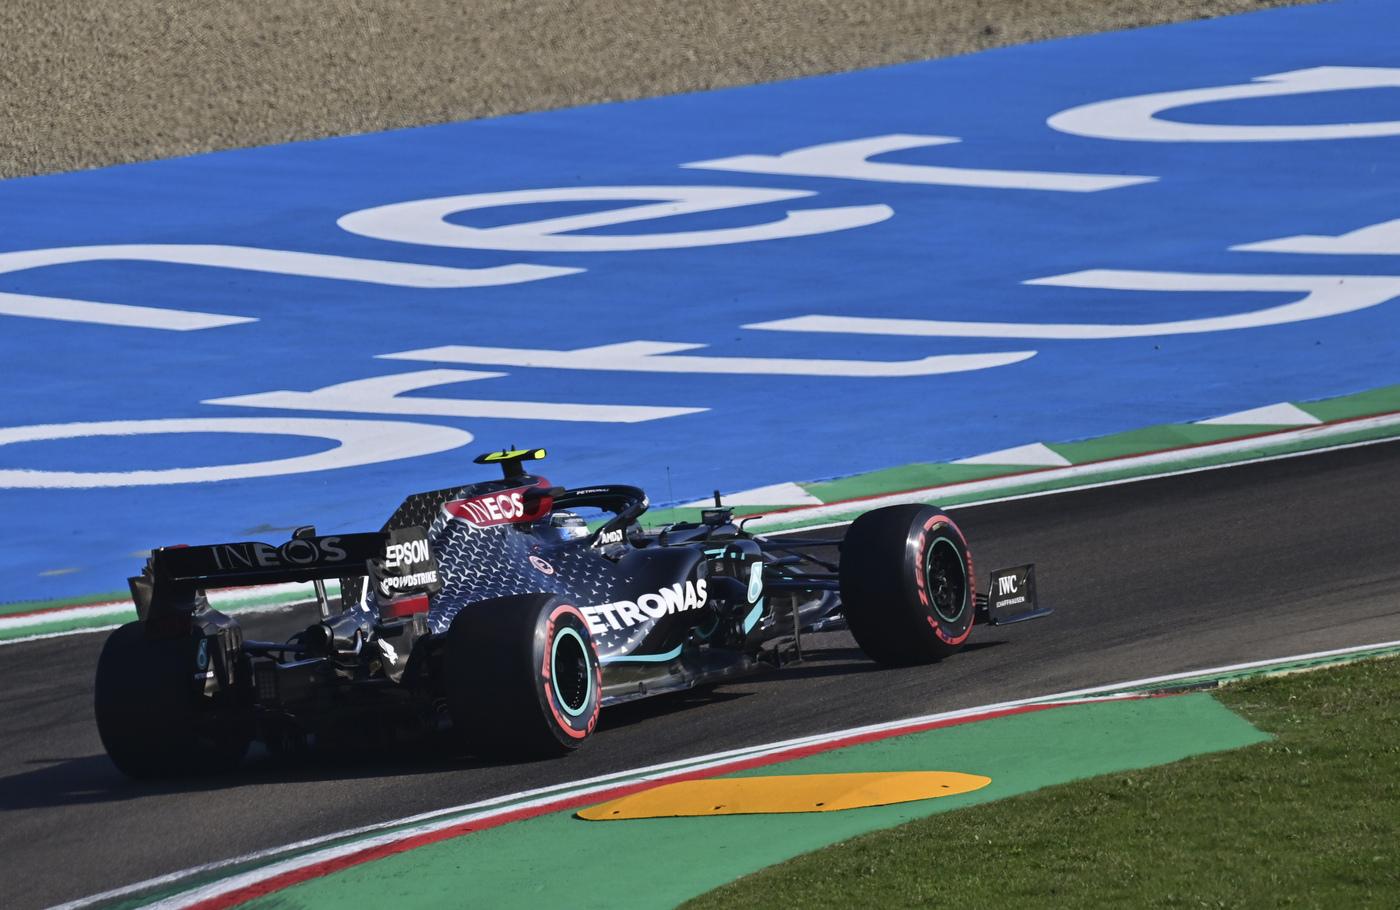 VIDEO F1, GP Imola 2020: highlights qualifiche. Bottas batte Hamilton per la pole! Leclerc 7° con la Ferrari